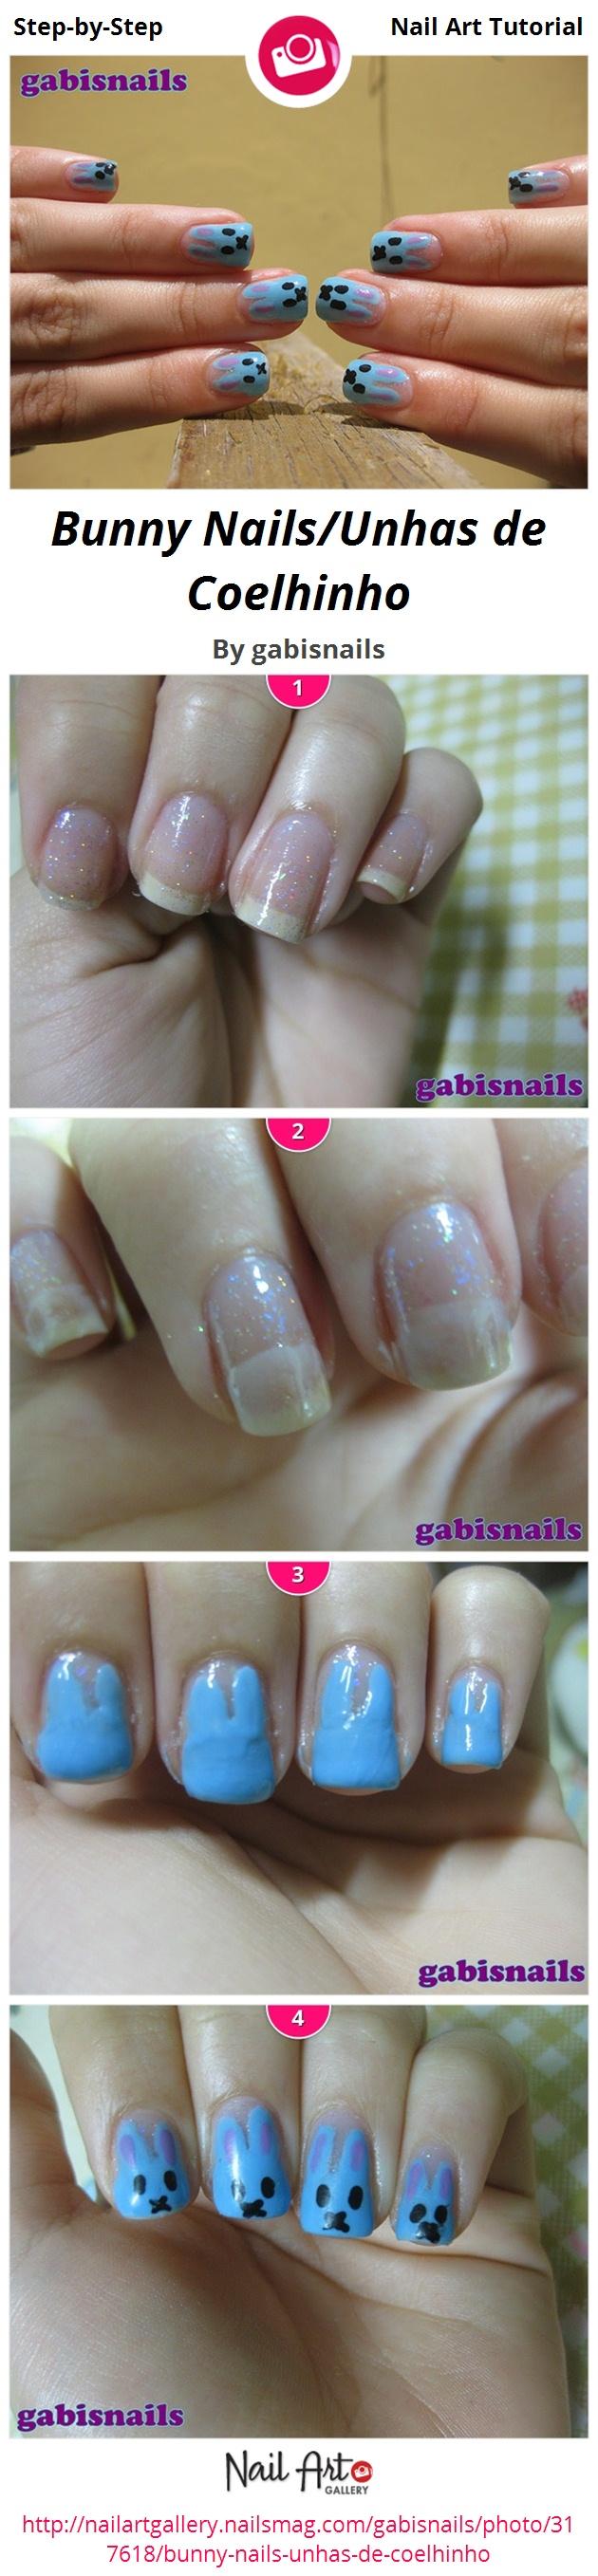 Bunny Nails/Unhas de Coelhinho - Nail Art Gallery